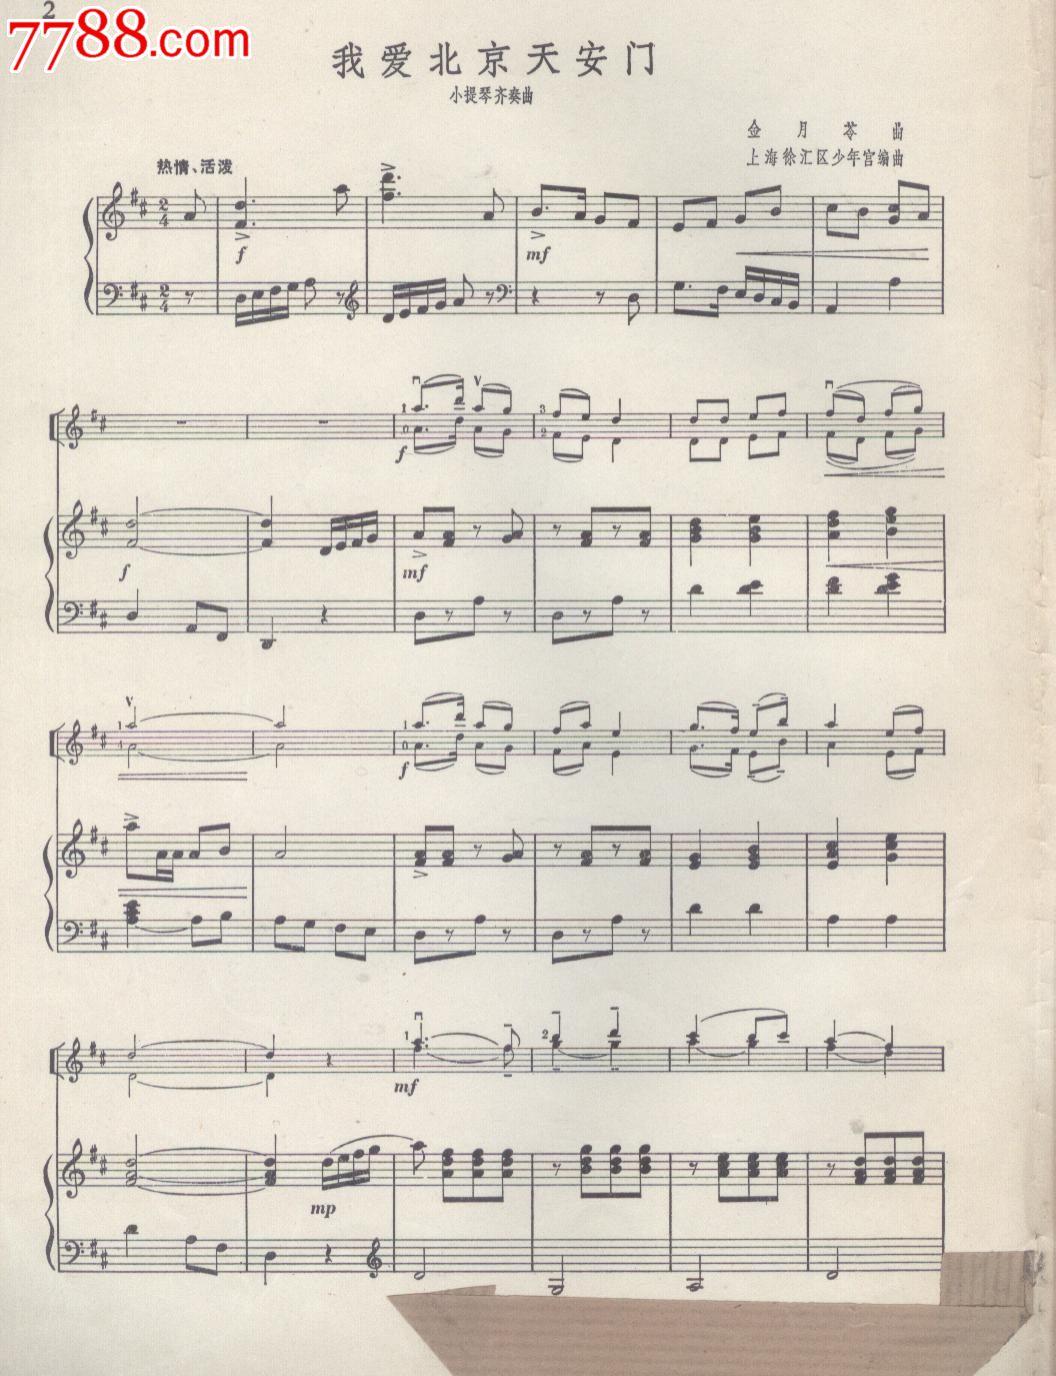 我爱北京天安门 小提琴齐奏曲. 五线谱